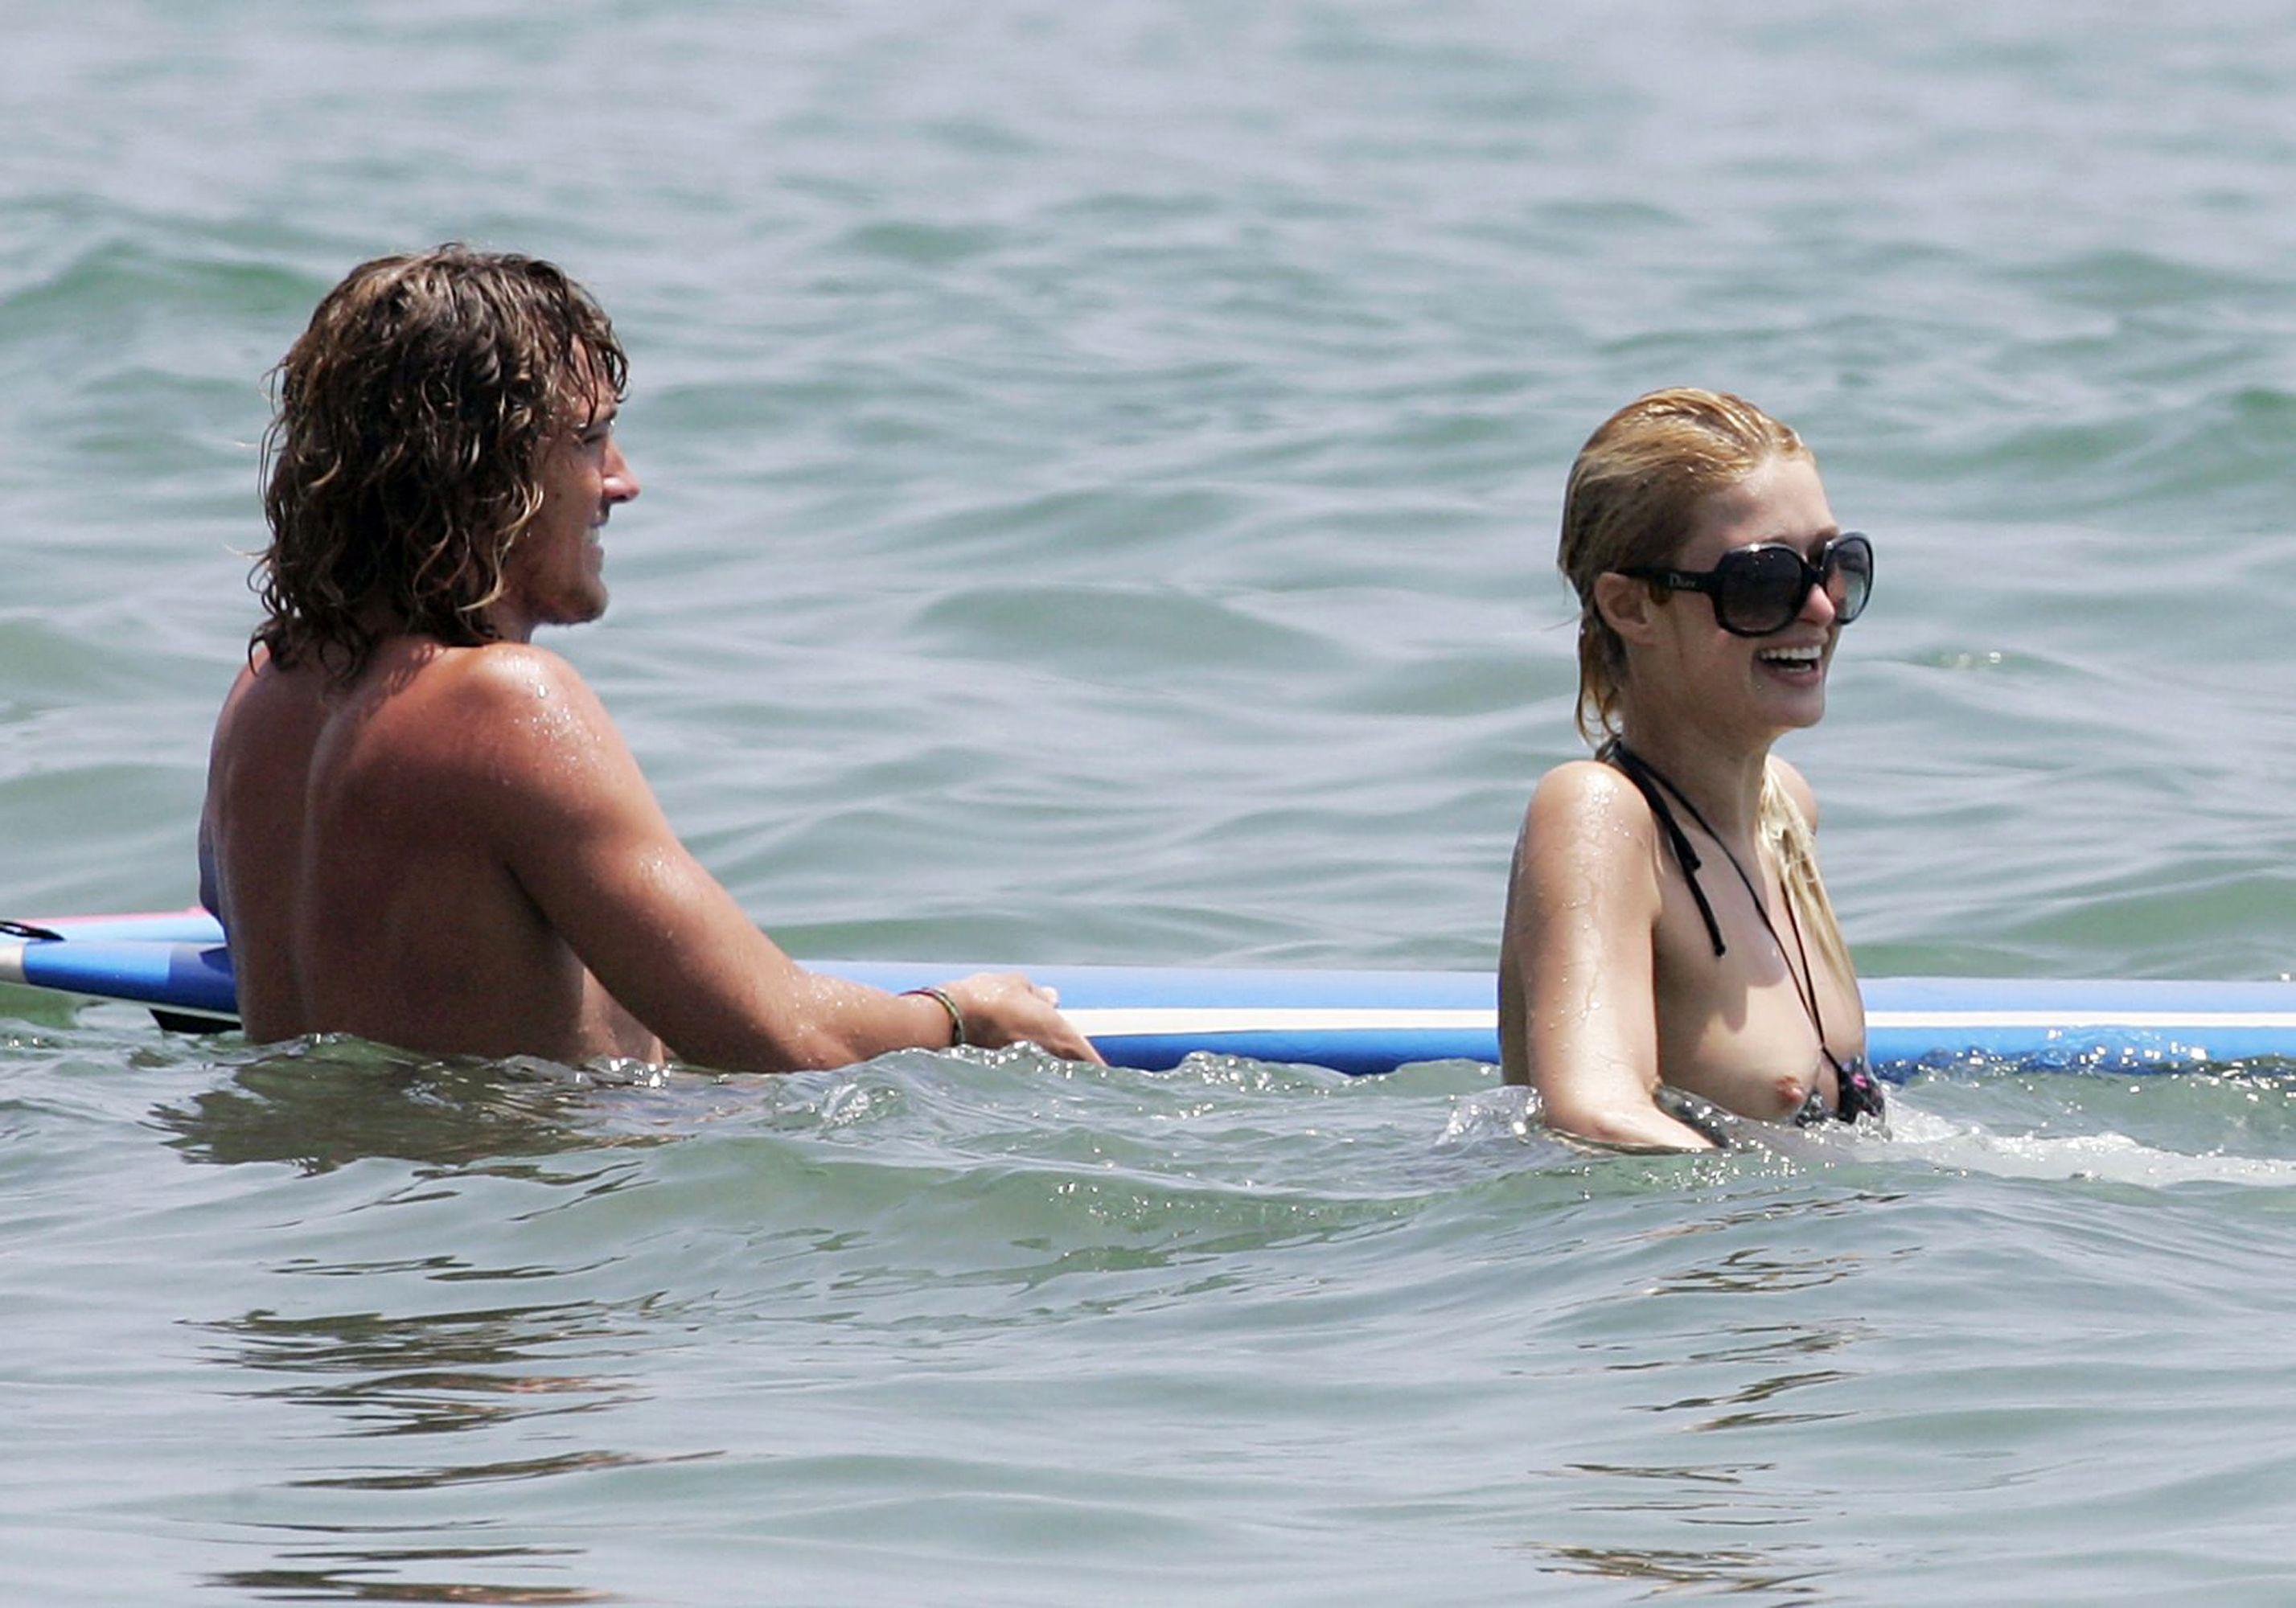 Paris Hilton boobs